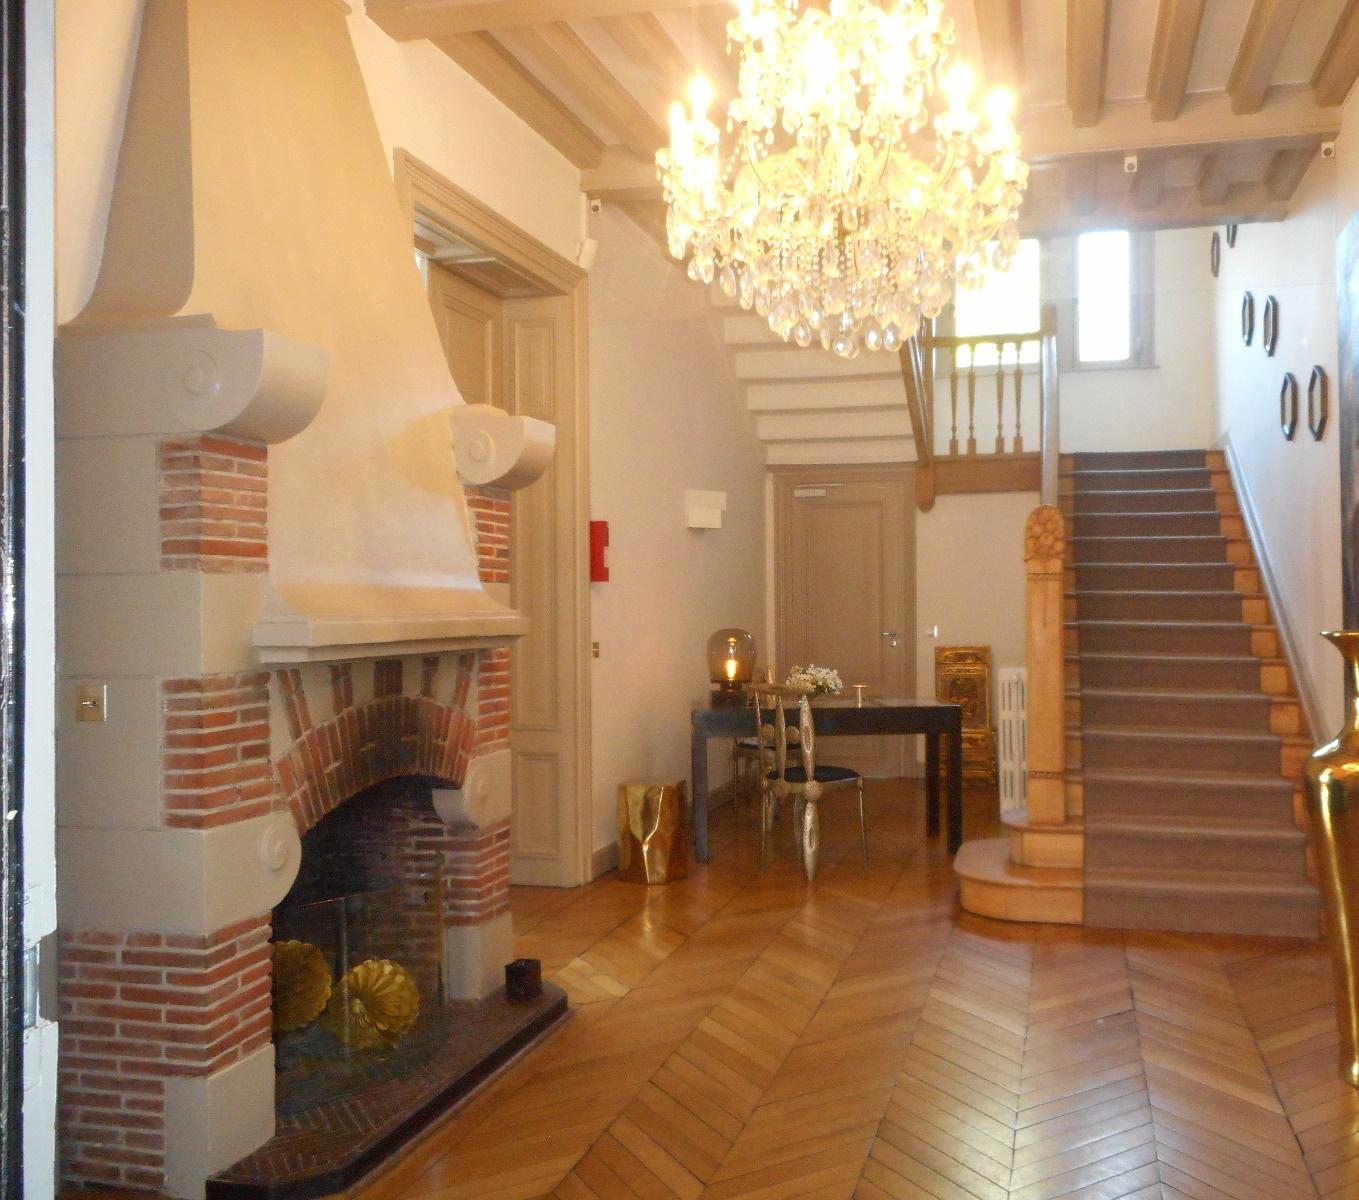 Hotel particulier Lille entièrement restauré  Hall d'entrée